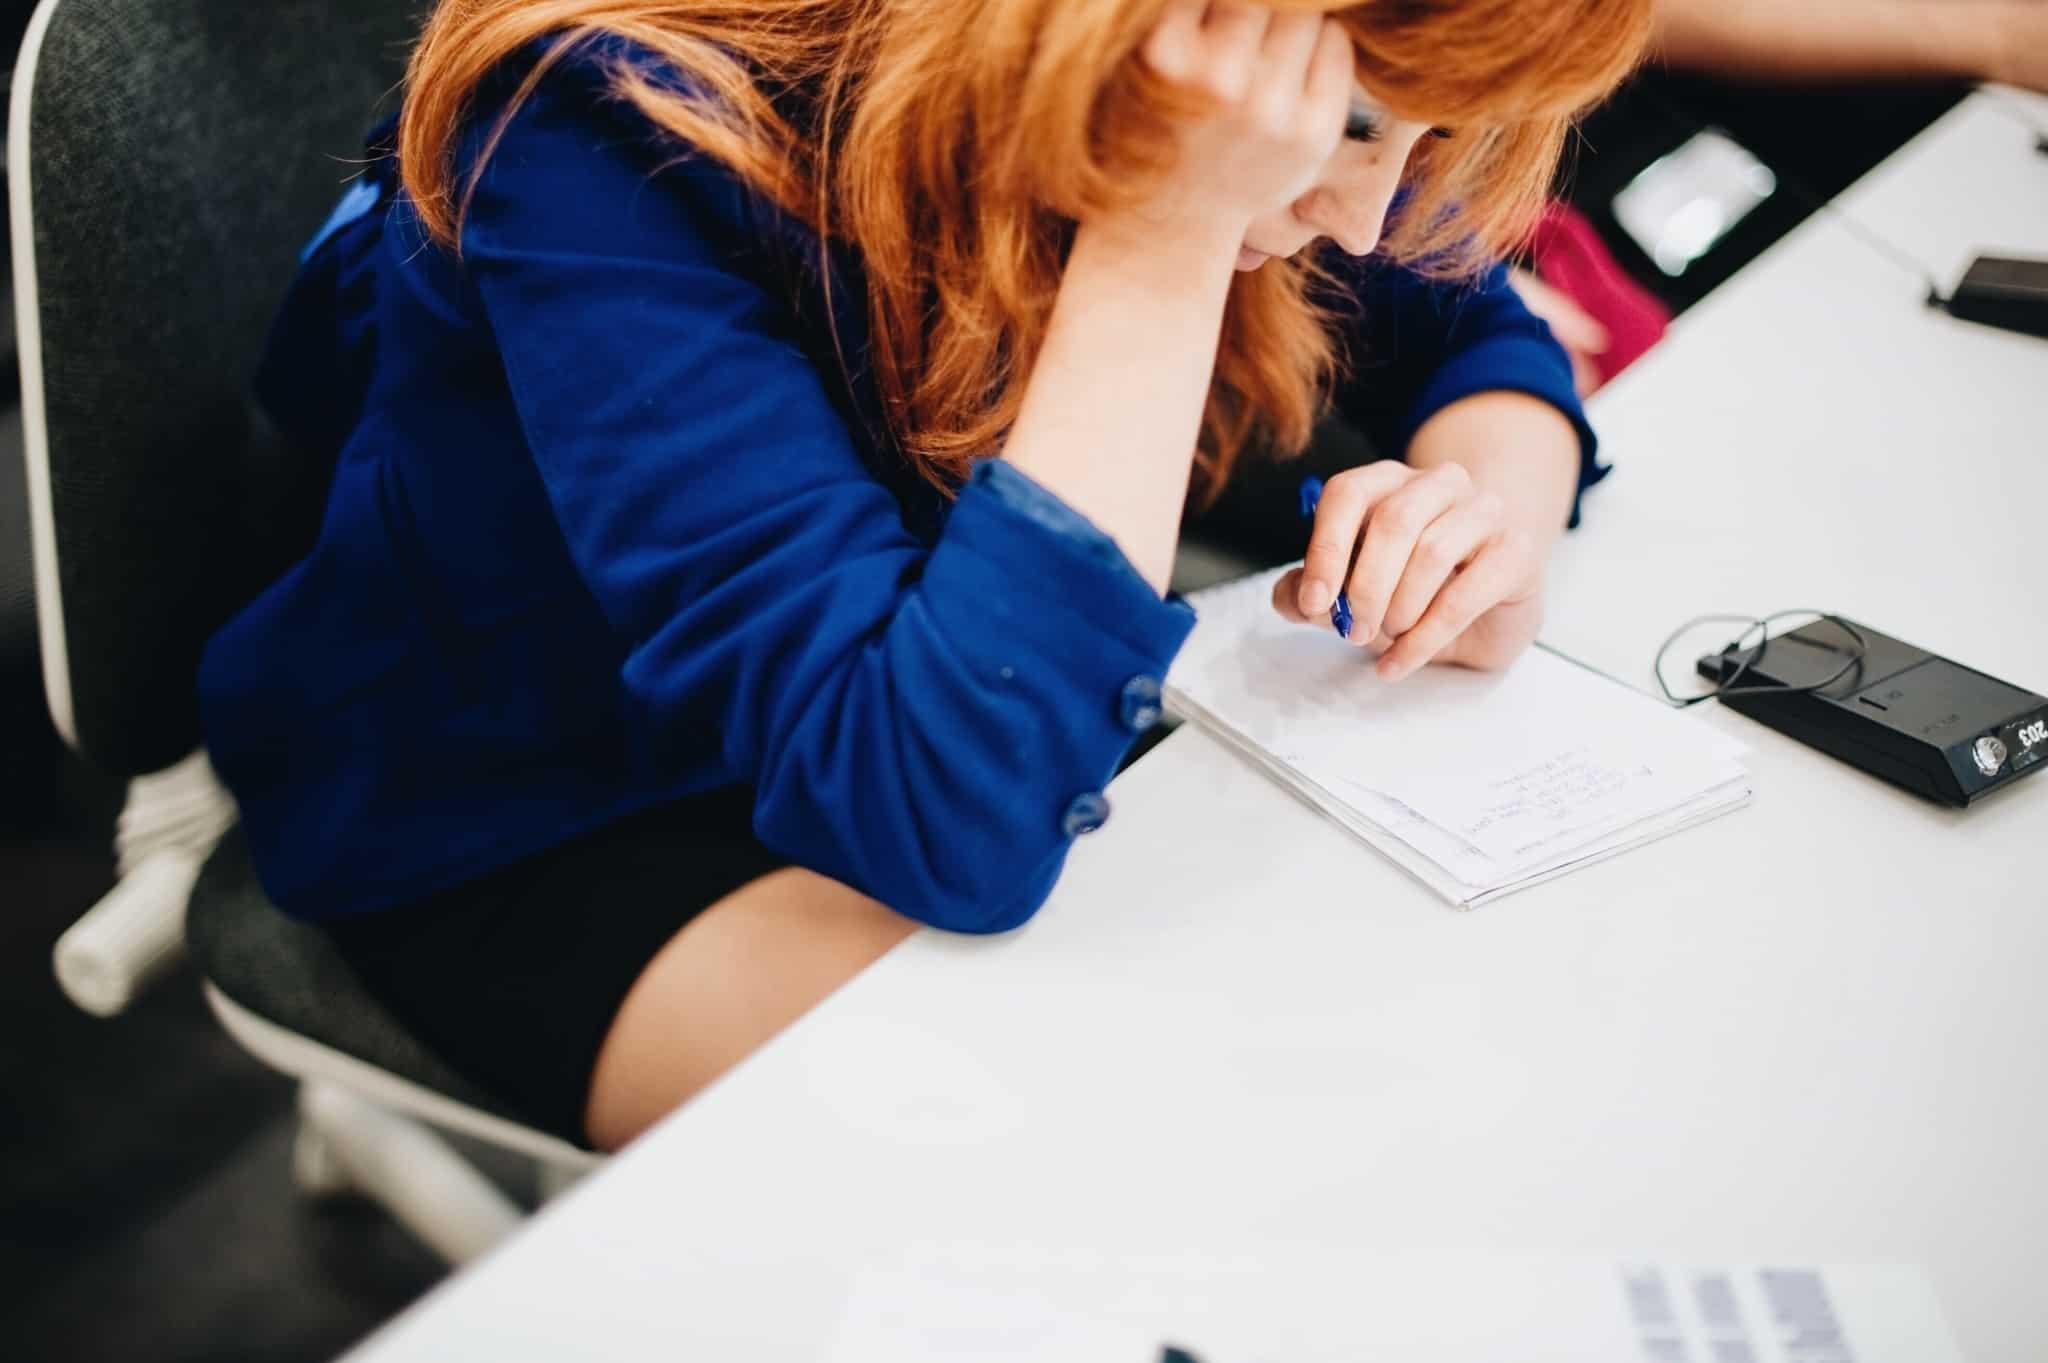 rapariga escreve no bloco de notas